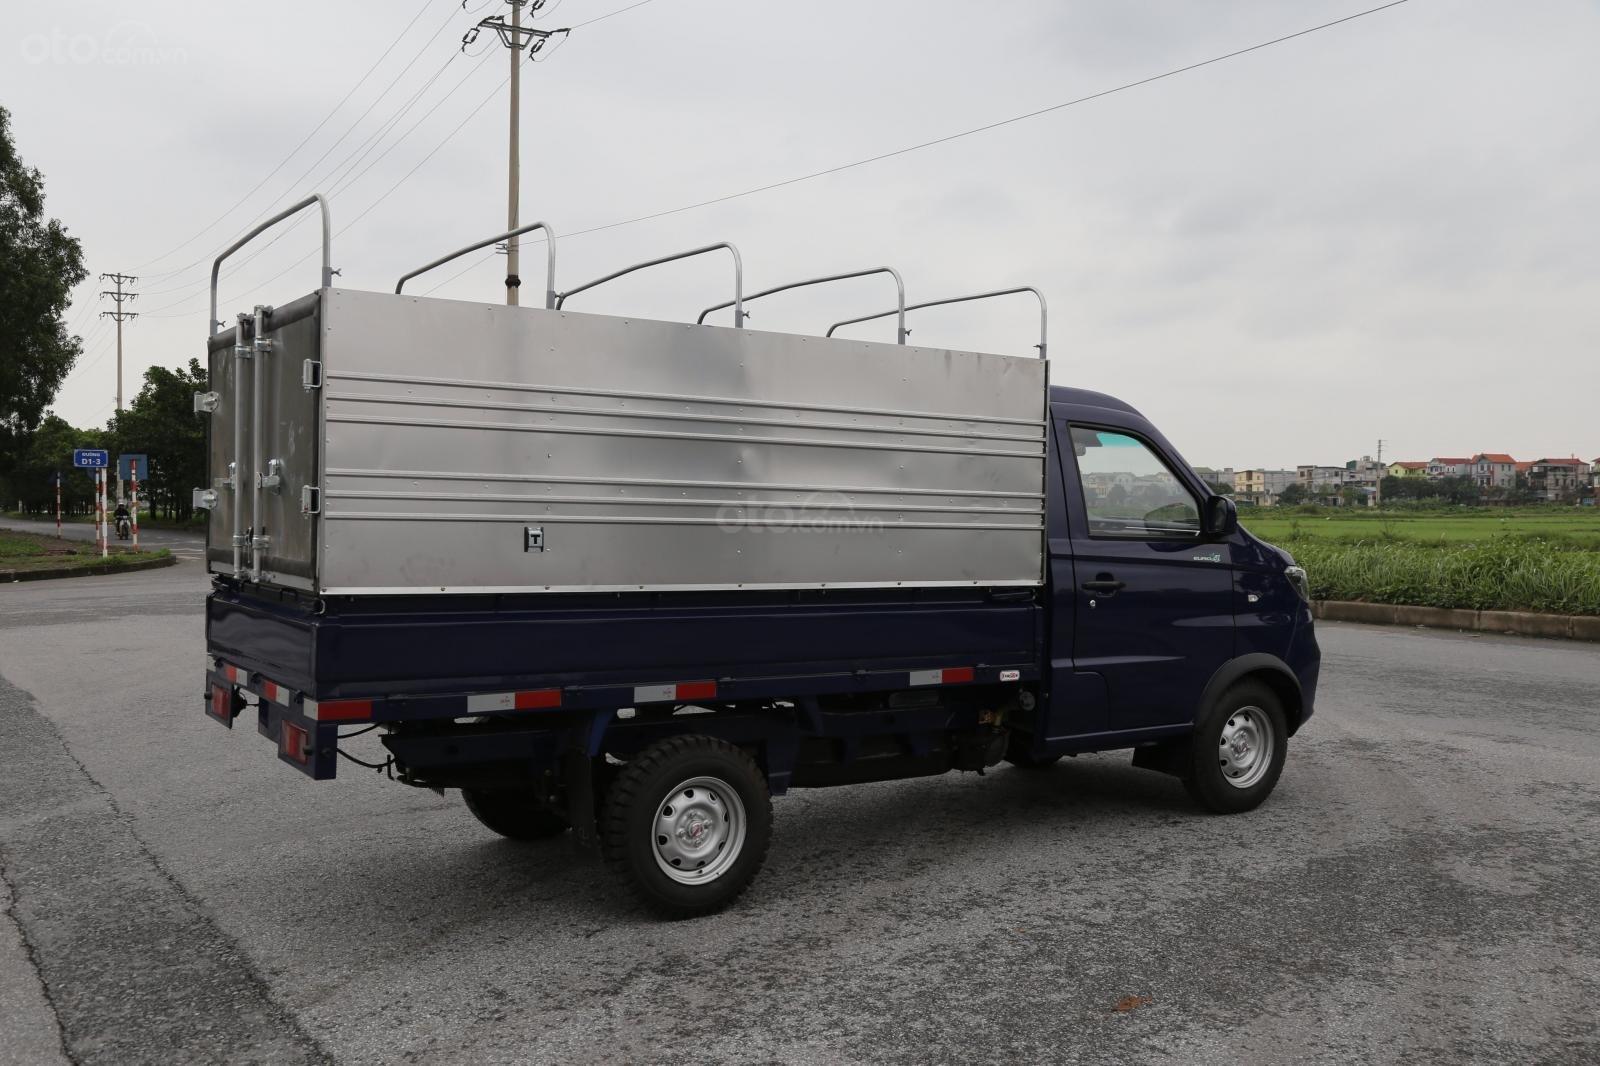 Bán xe tải nhỏ dưới 1 tấn SRM 930kg đời 2020 bản cao cấp 80tr nhận xe - Tặng 100% trước bạ - Tặng camera lùi (3)